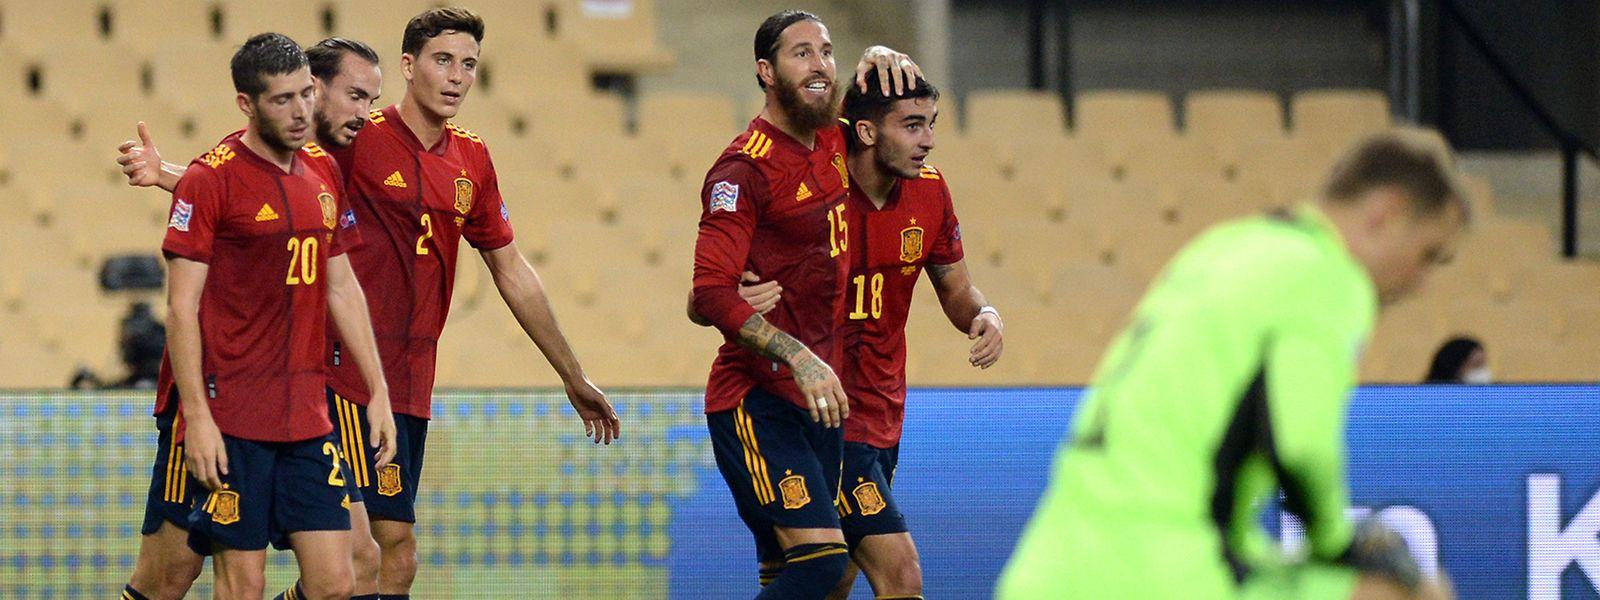 Spaniens Spieler um Dreifachtorschütze Ferran Torres (r.) jubeln, Deutschlands Torwart Manuel Neuer ist bedient.